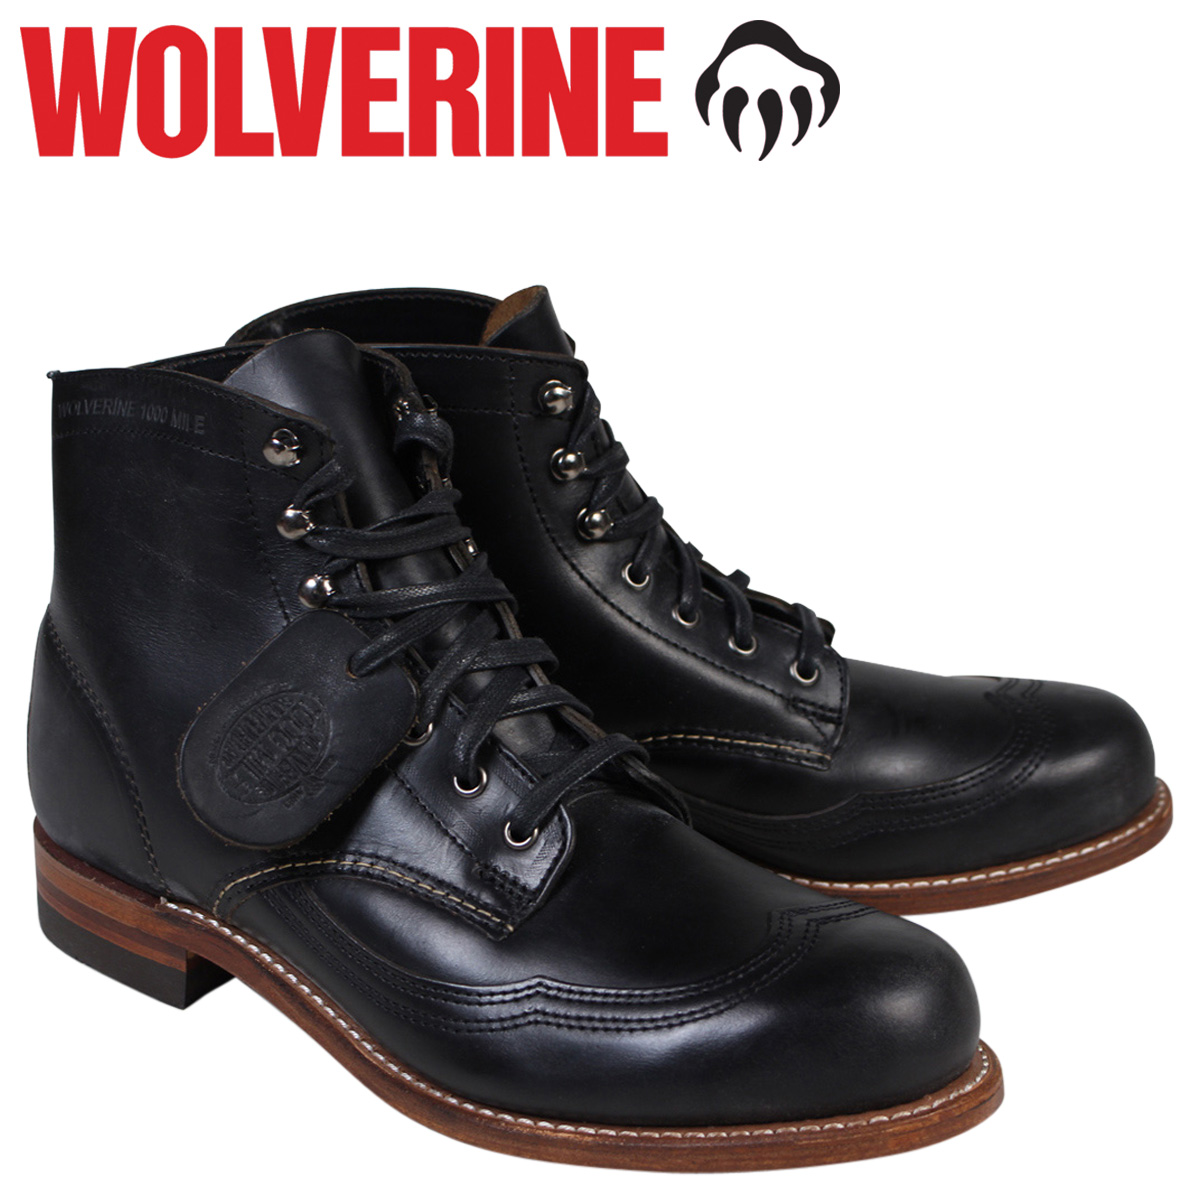 ウルヴァリン 1000マイル ブーツ WOLVERINE 1000MILE ADDISON WINGTIP BOOT Dワイズ W05344 ブラック ウィングチップ ワークブーツ メンズ